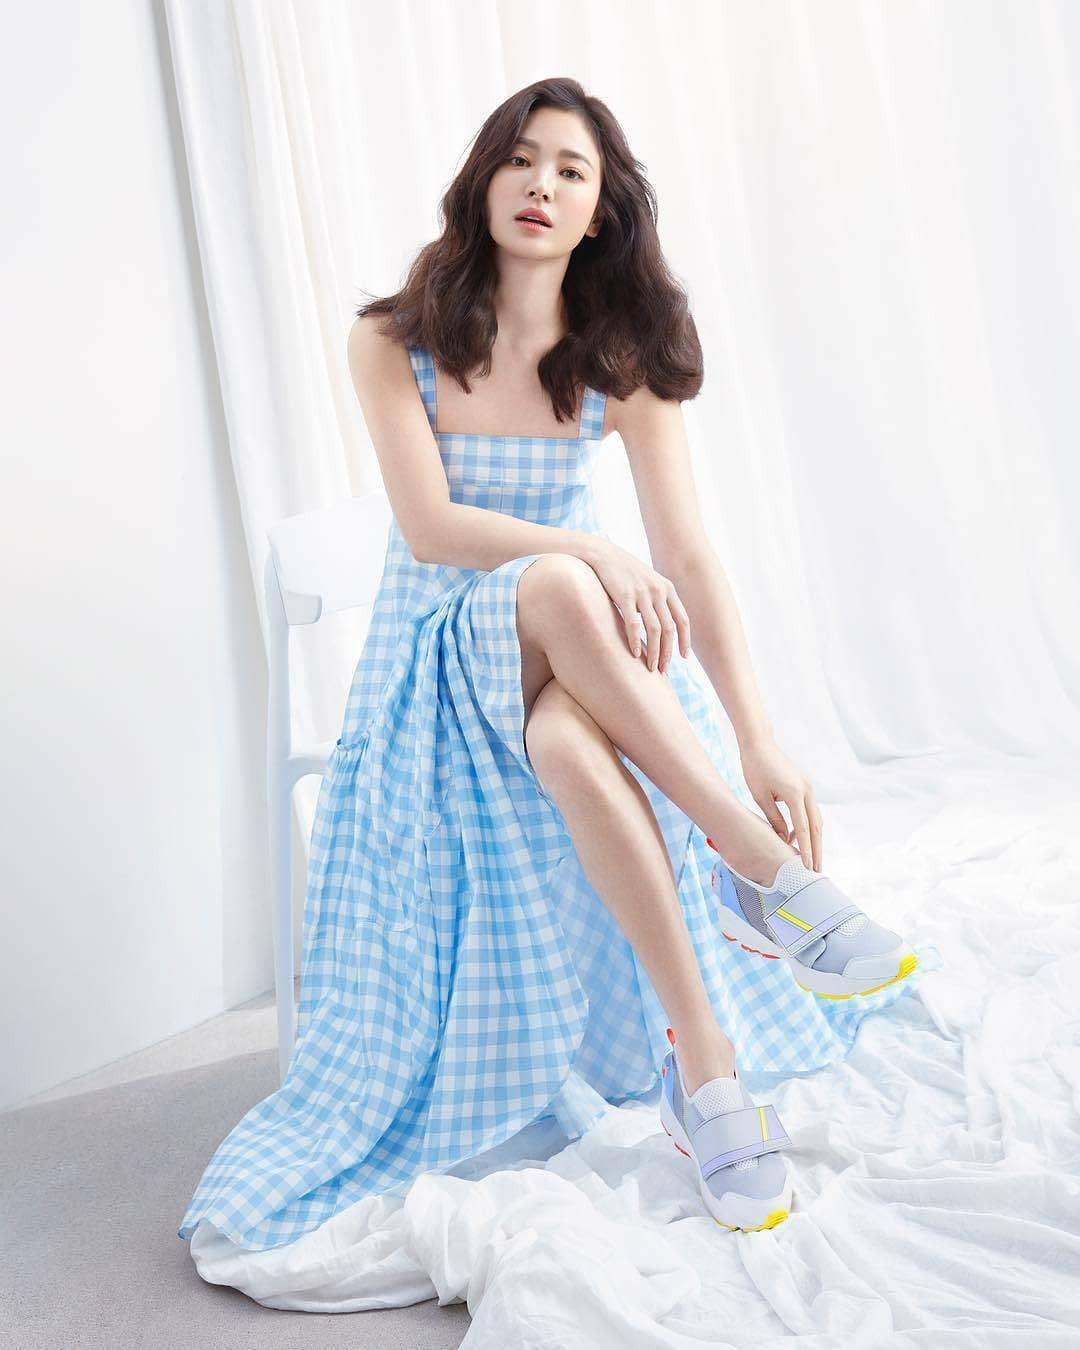 Vừa bị chê già, Song Hye Kyo dập lại bằng bộ ảnh tạp chí gây ngỡ ngàng: 38 tuổi mà trẻ đẹp, body nuột như gái 20 - Ảnh 2.